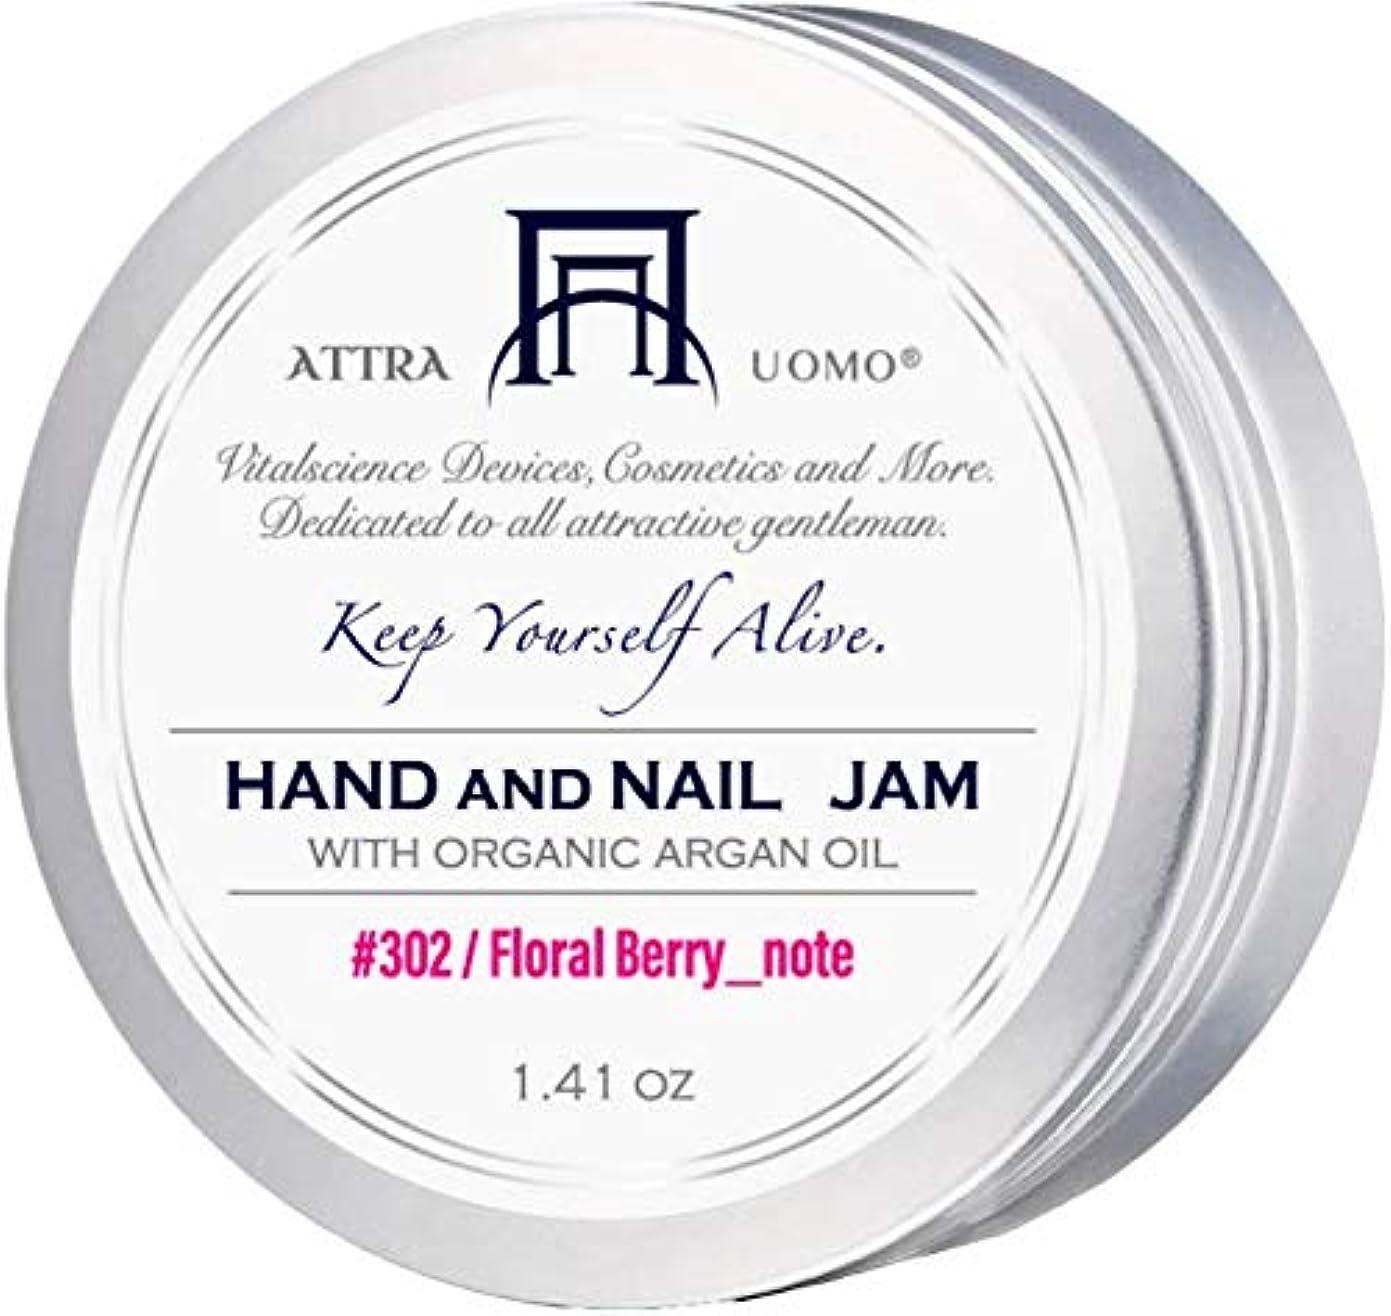 心から試みる嫌いアトラ ハンド&ネイルジャム40g (#302フローラルベリーの香り)